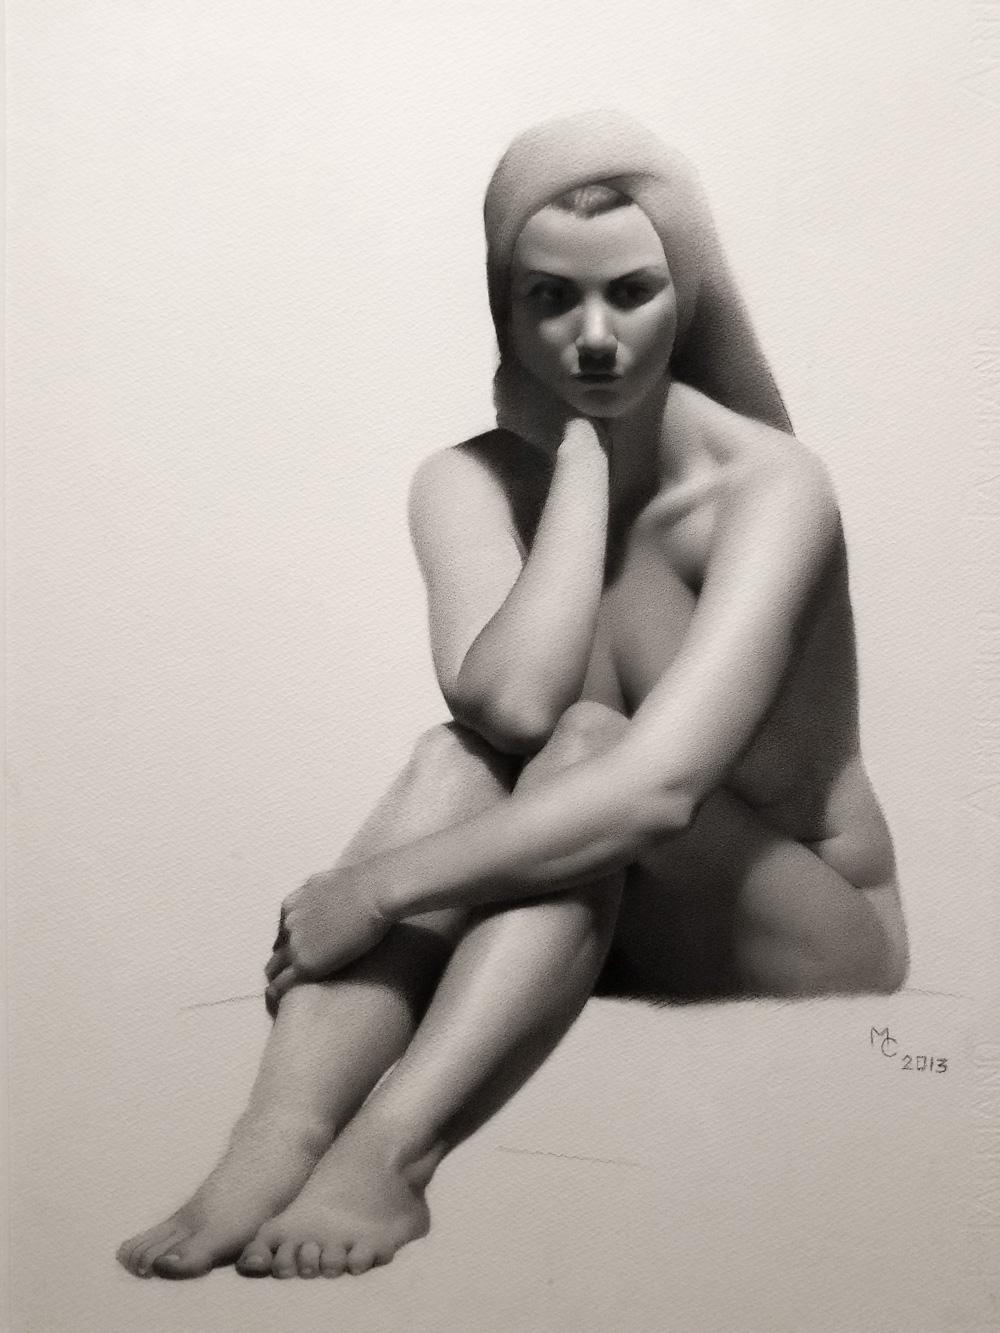 Natalie, by Matthew Collins, 2013